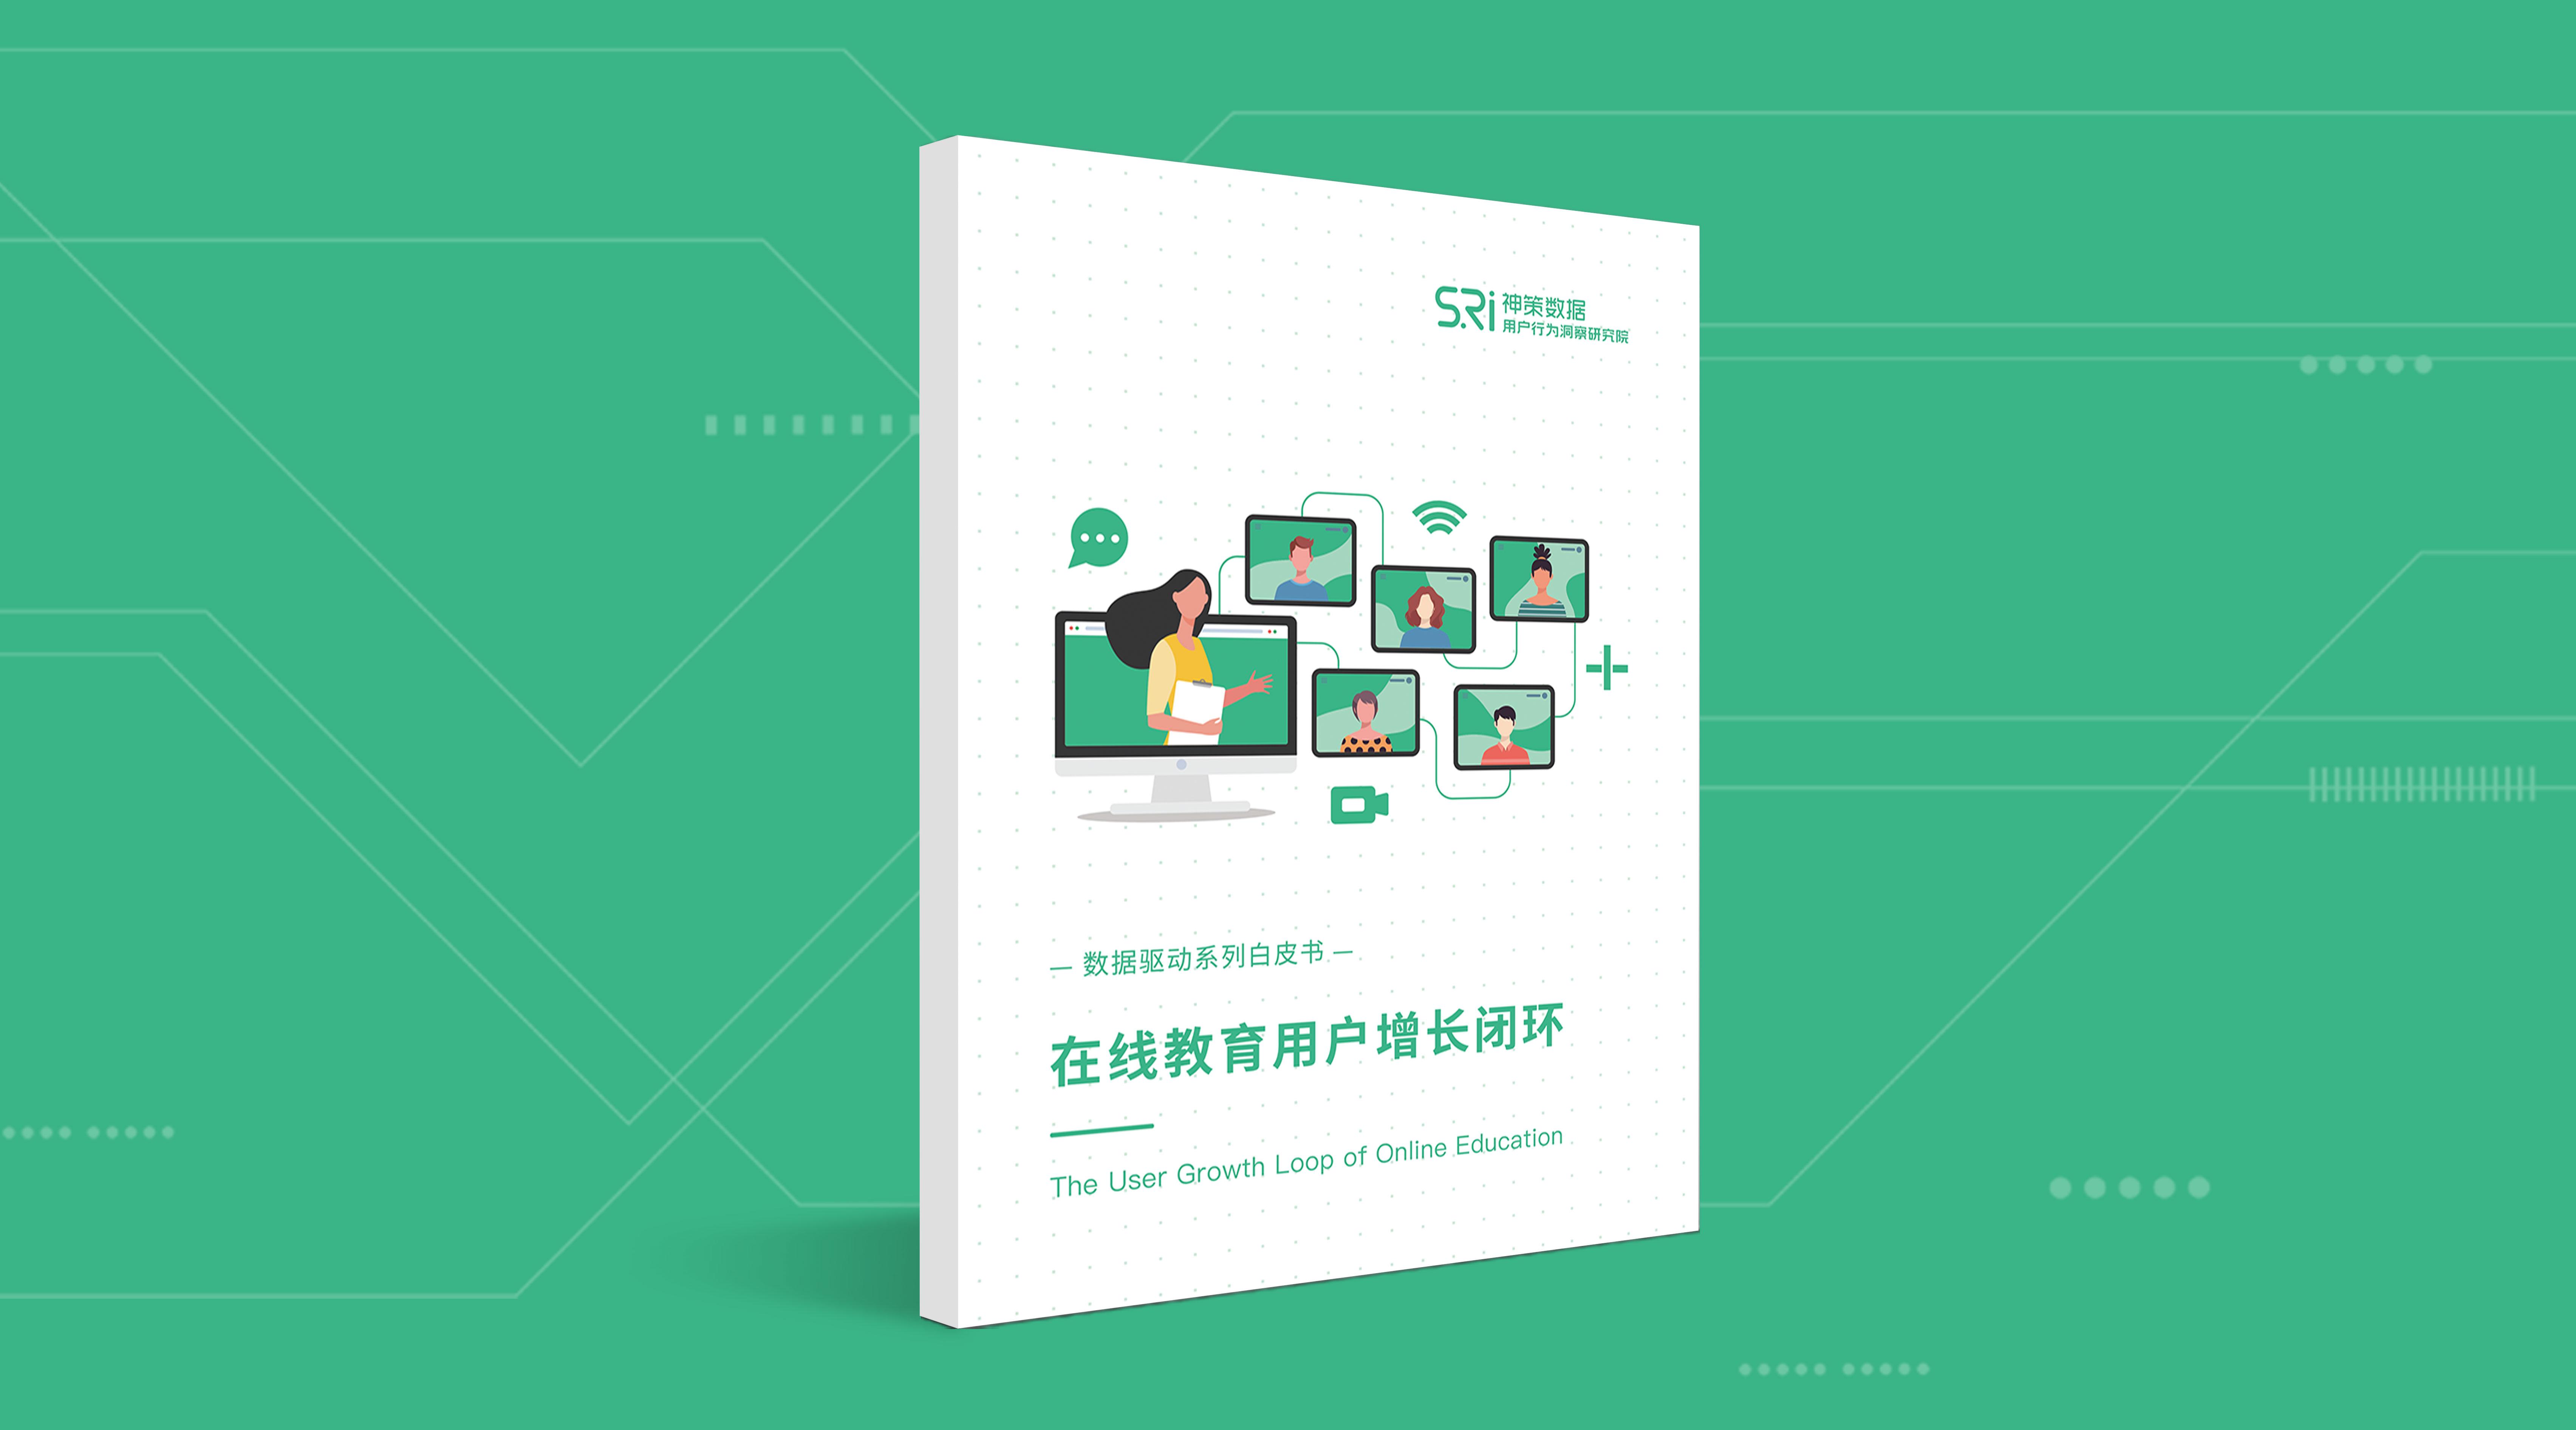 7d4dbf2aab7b4d52f5ab3370410f2067.pdf